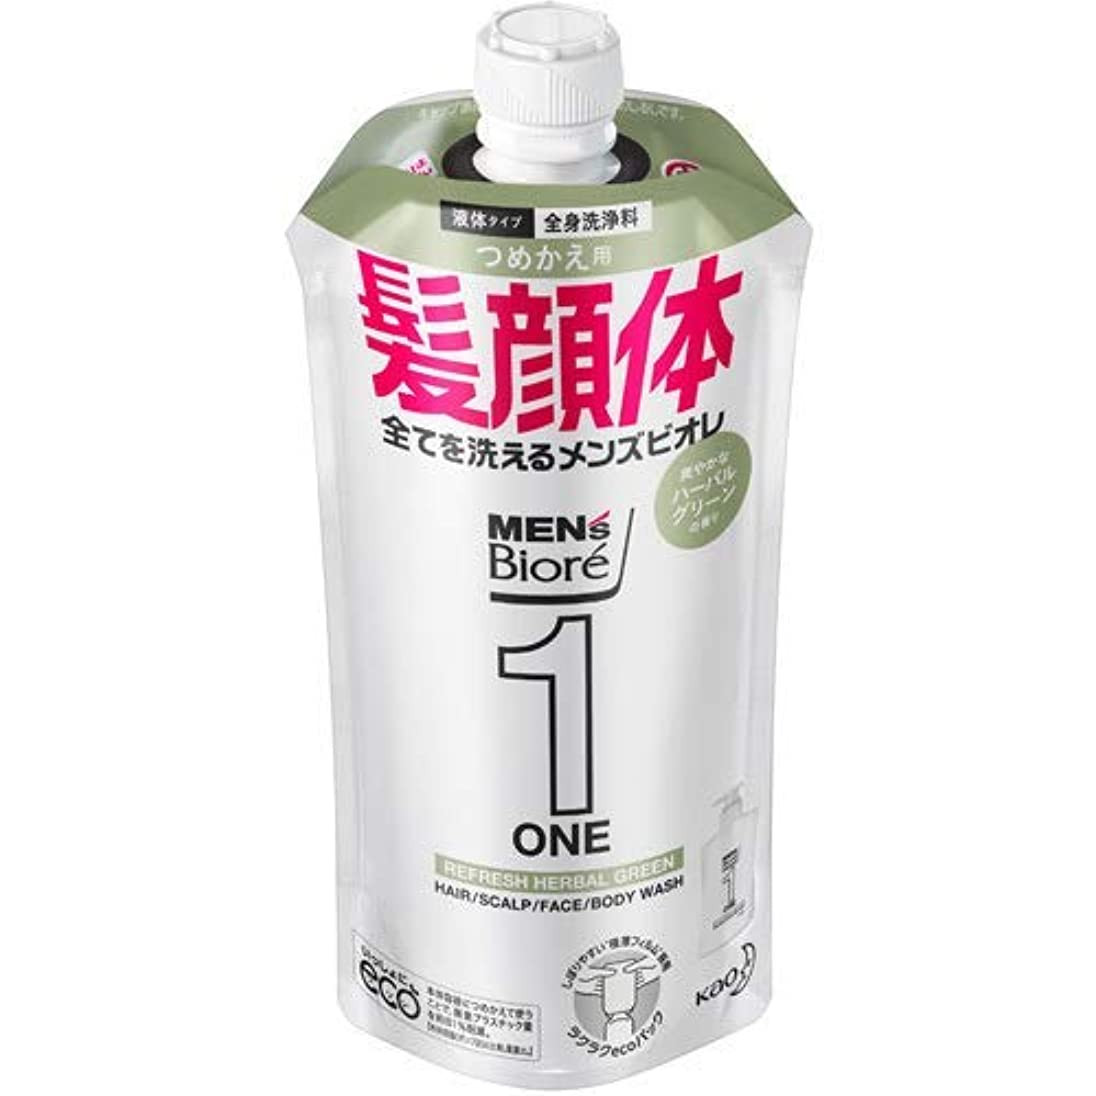 ささいな推測する特性【10個セット】メンズビオレONE オールインワン全身洗浄料 爽やかなハーブルグリーンの香り つめかえ用 340mL